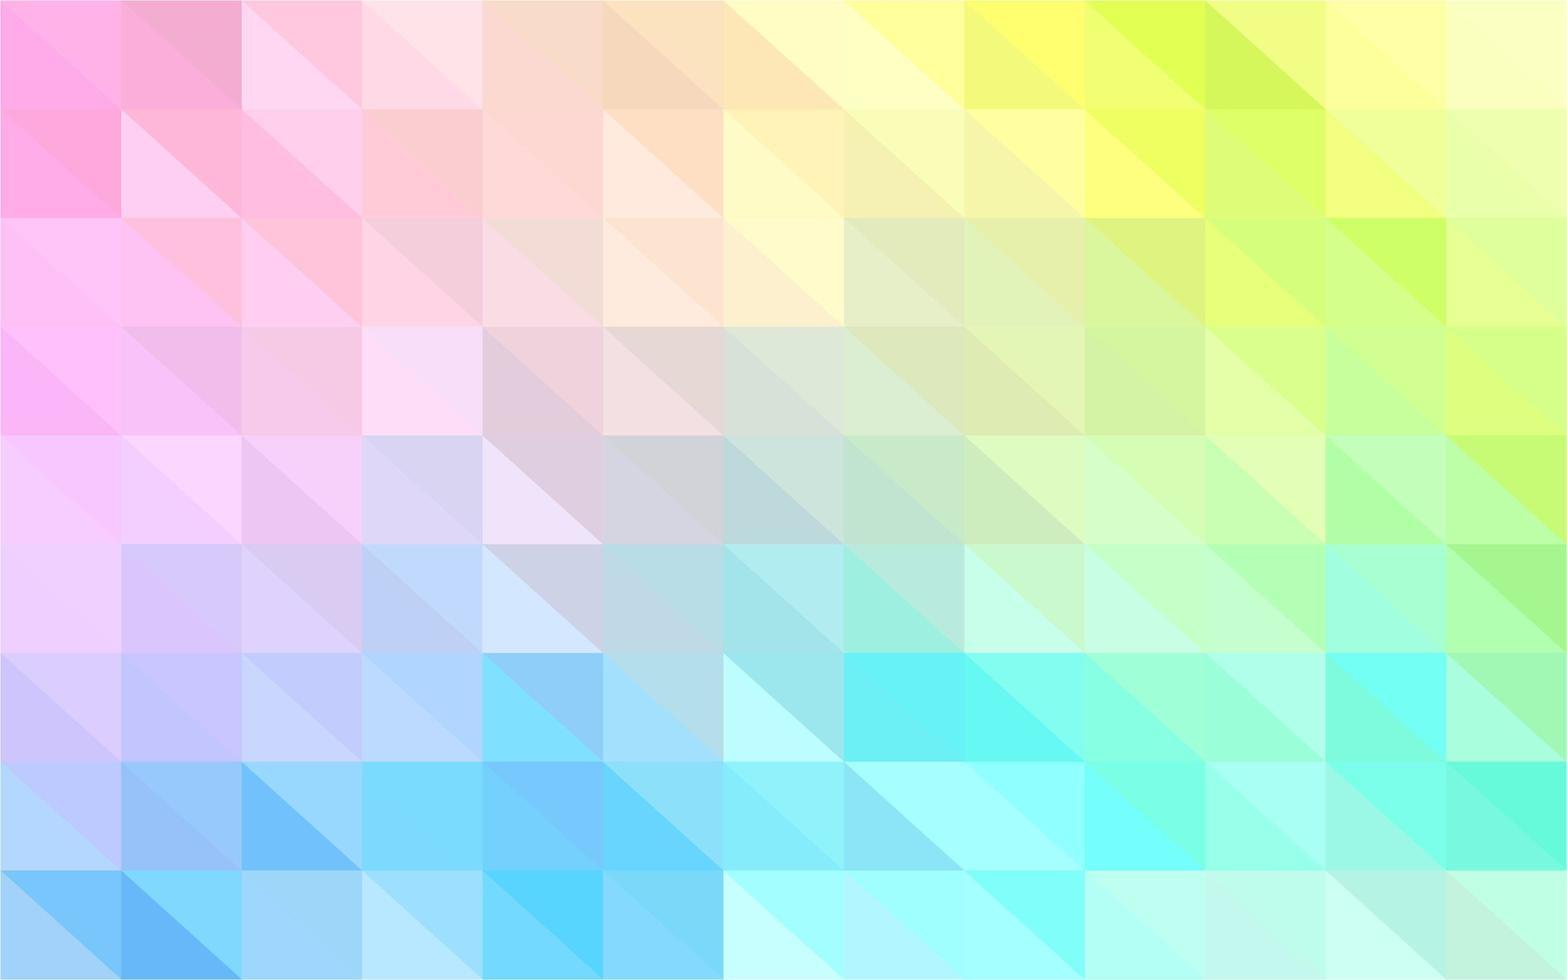 veelkleurige mozaïek achtergrond vector